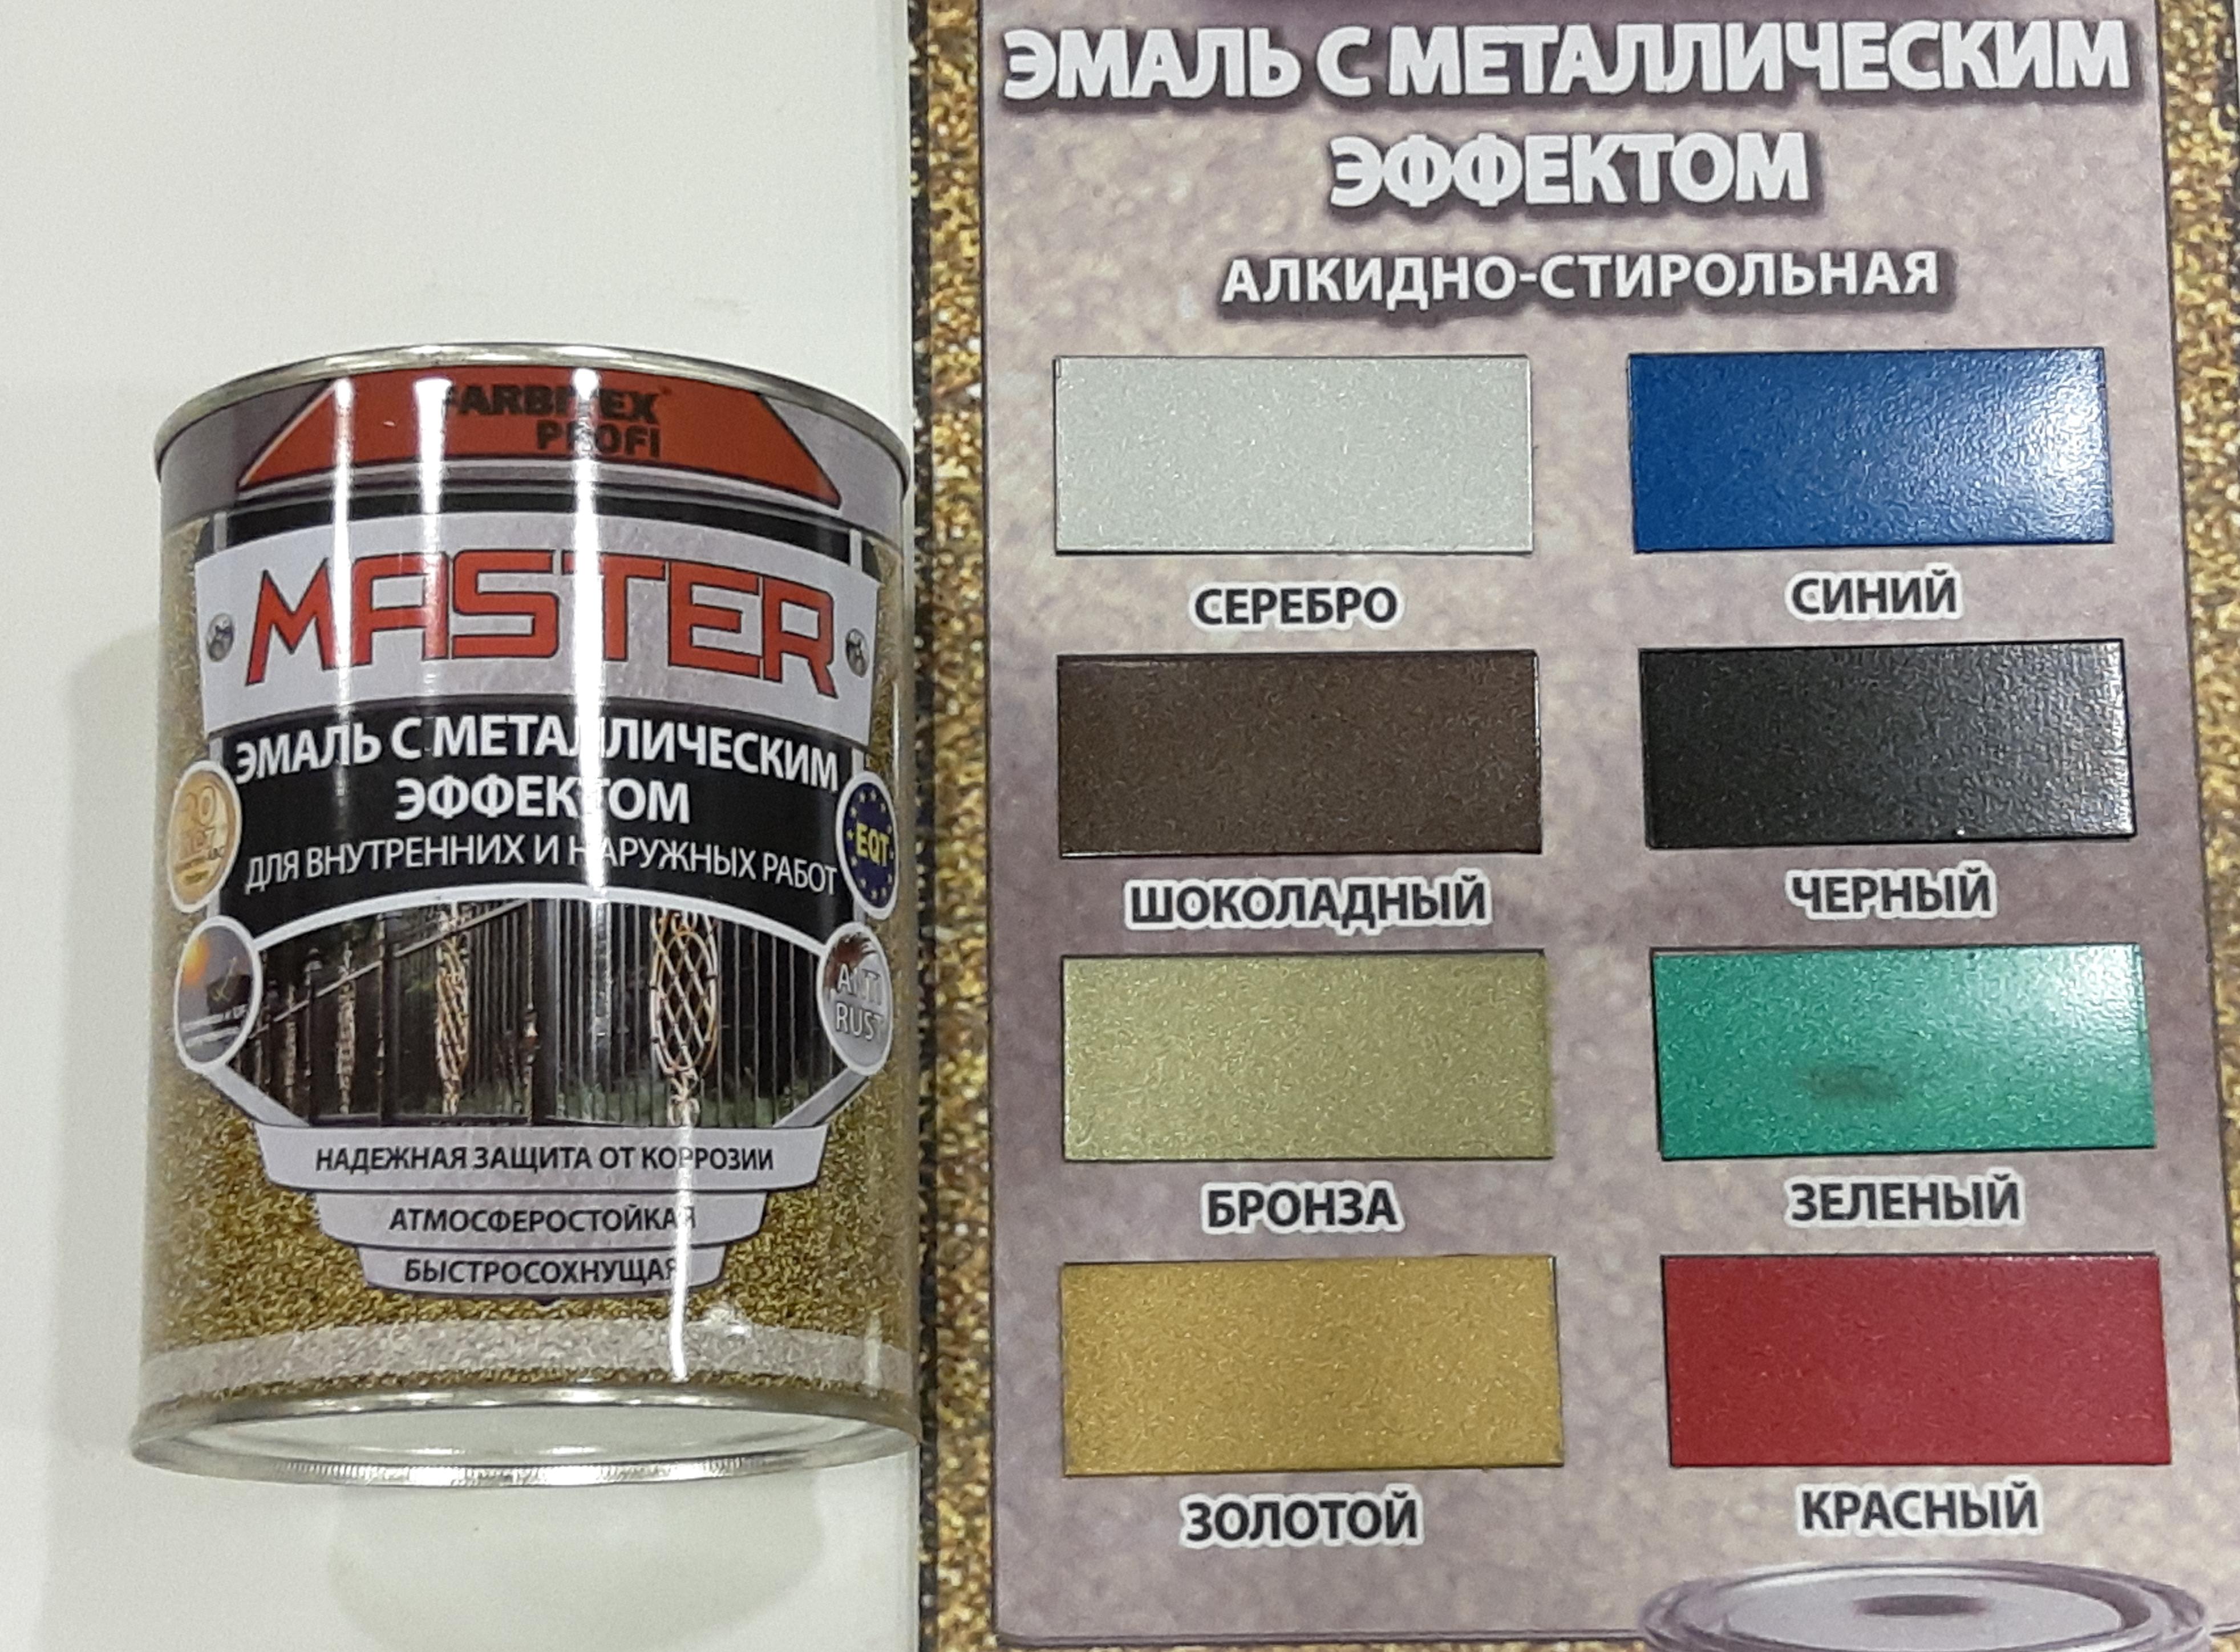 Эмаль с металлическим эффектом